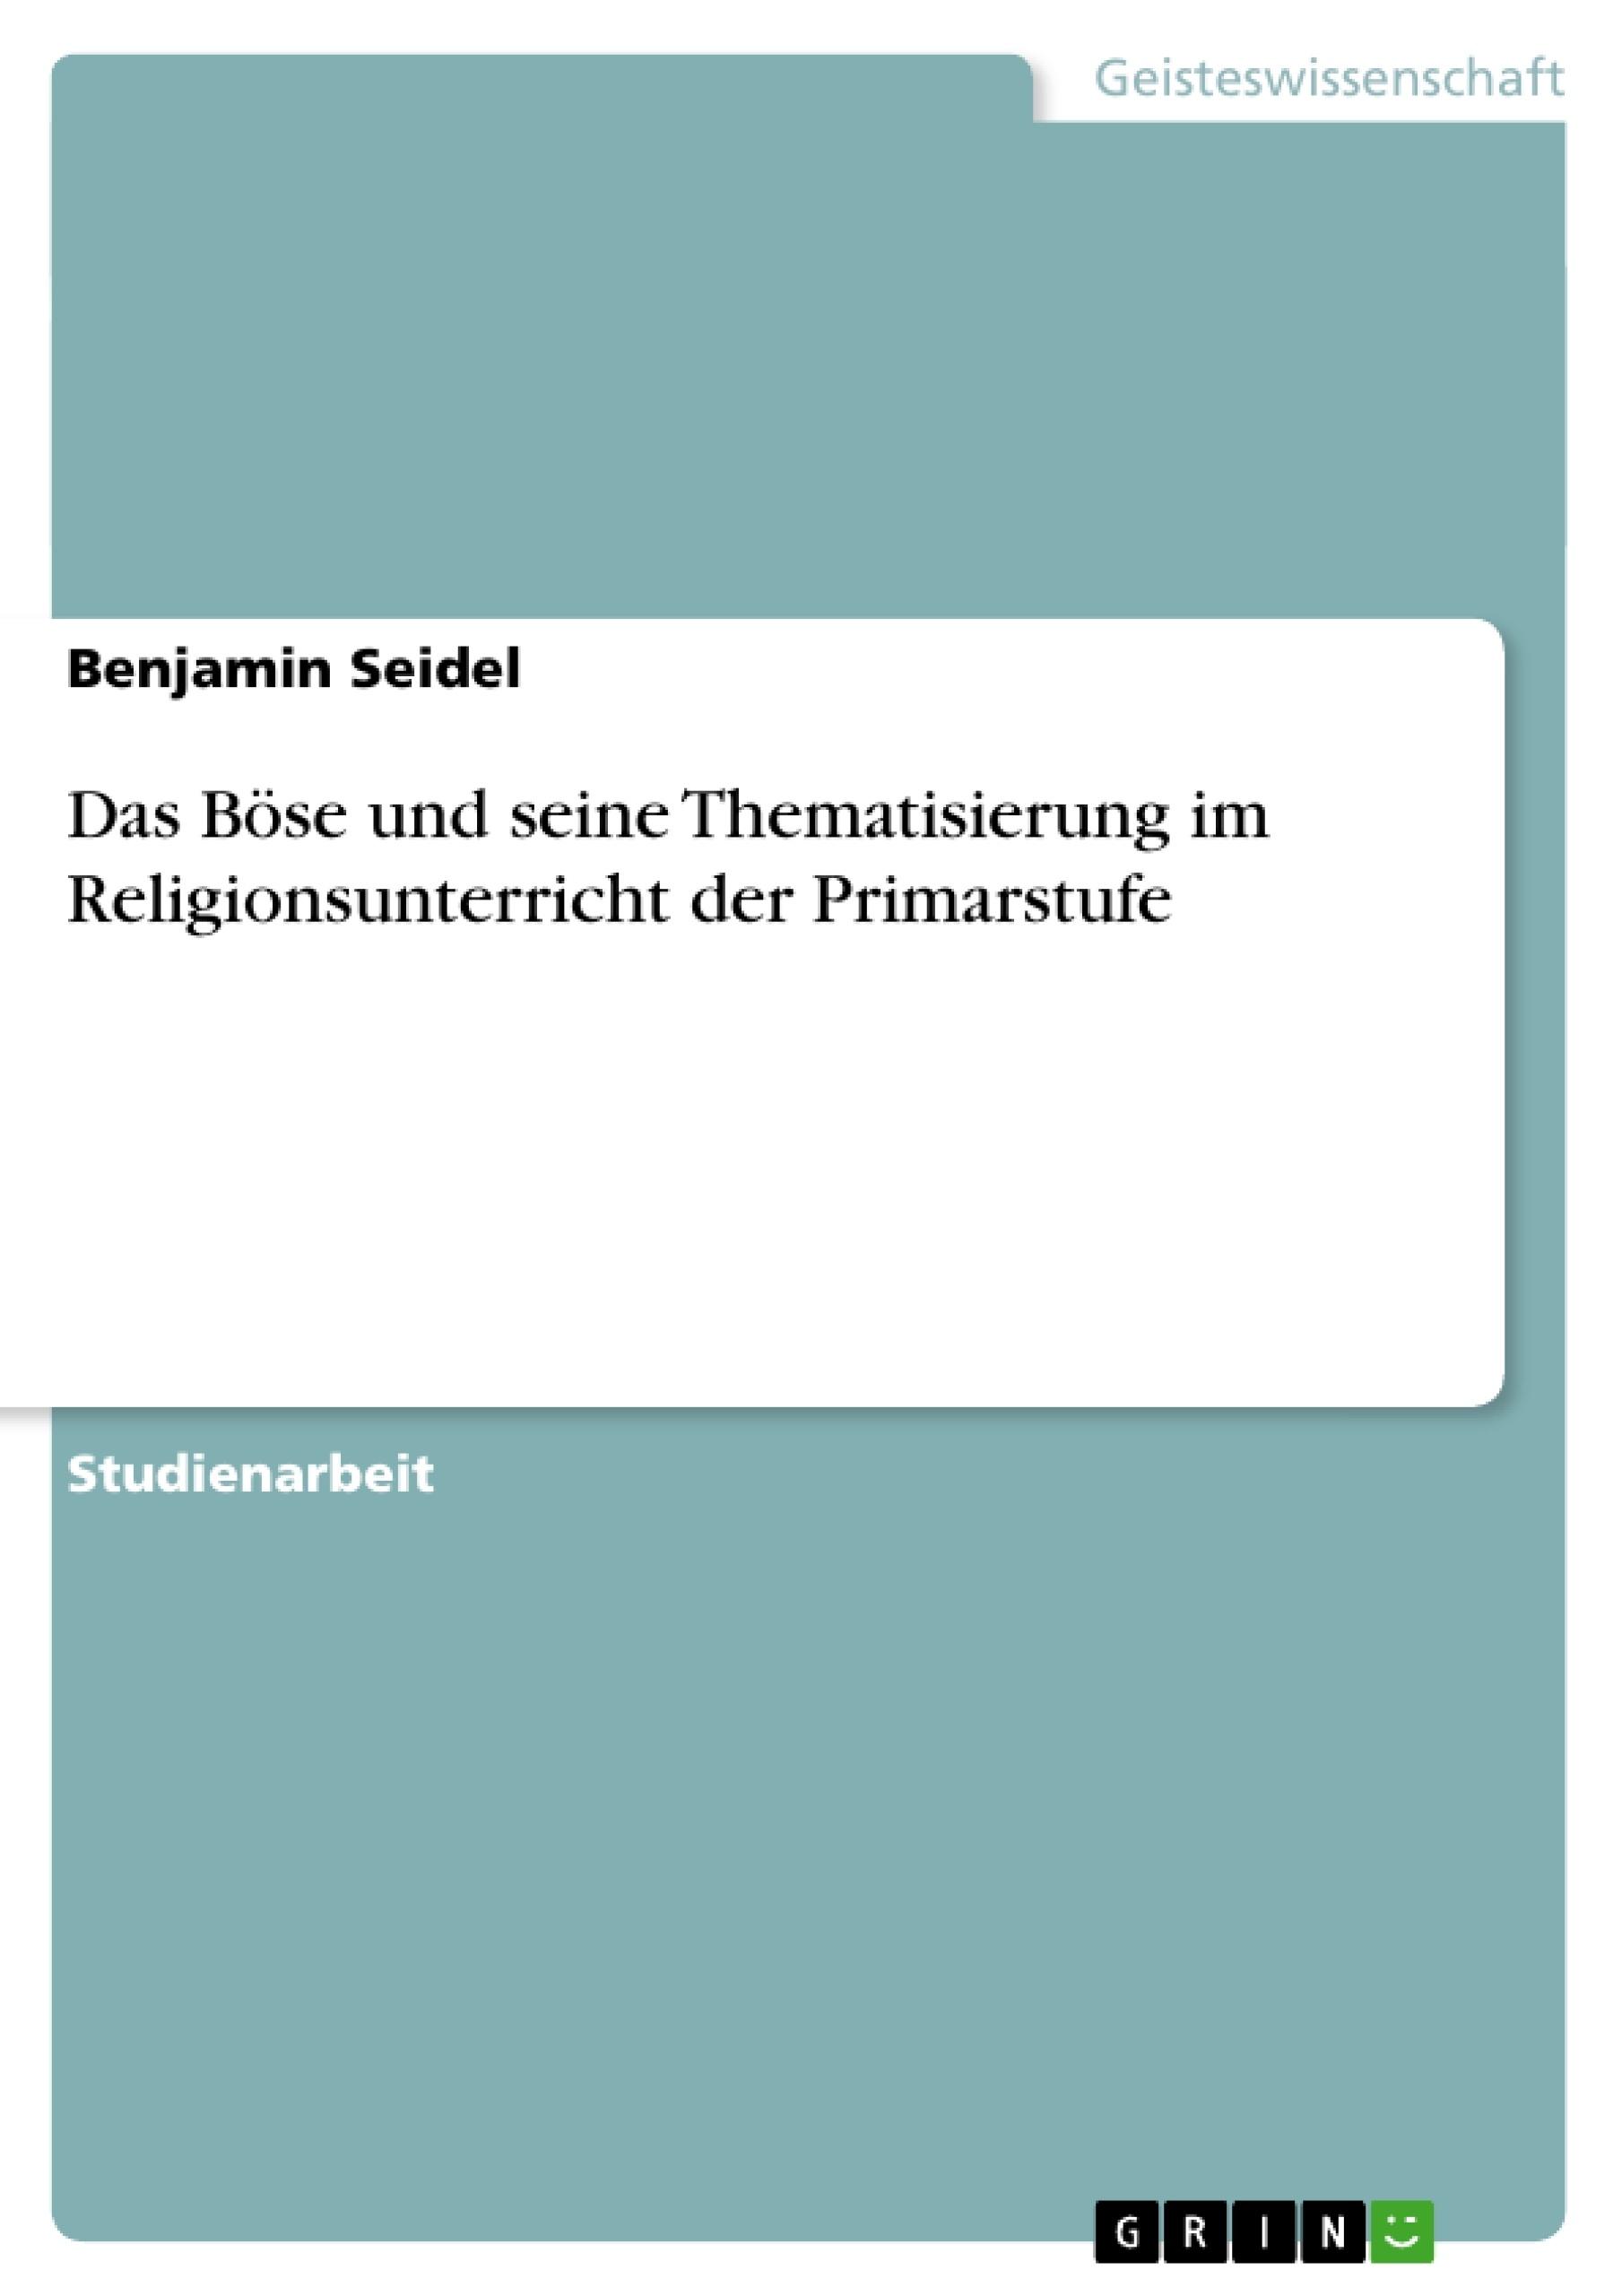 Titel: Das Böse und seine Thematisierung im Religionsunterricht der Primarstufe